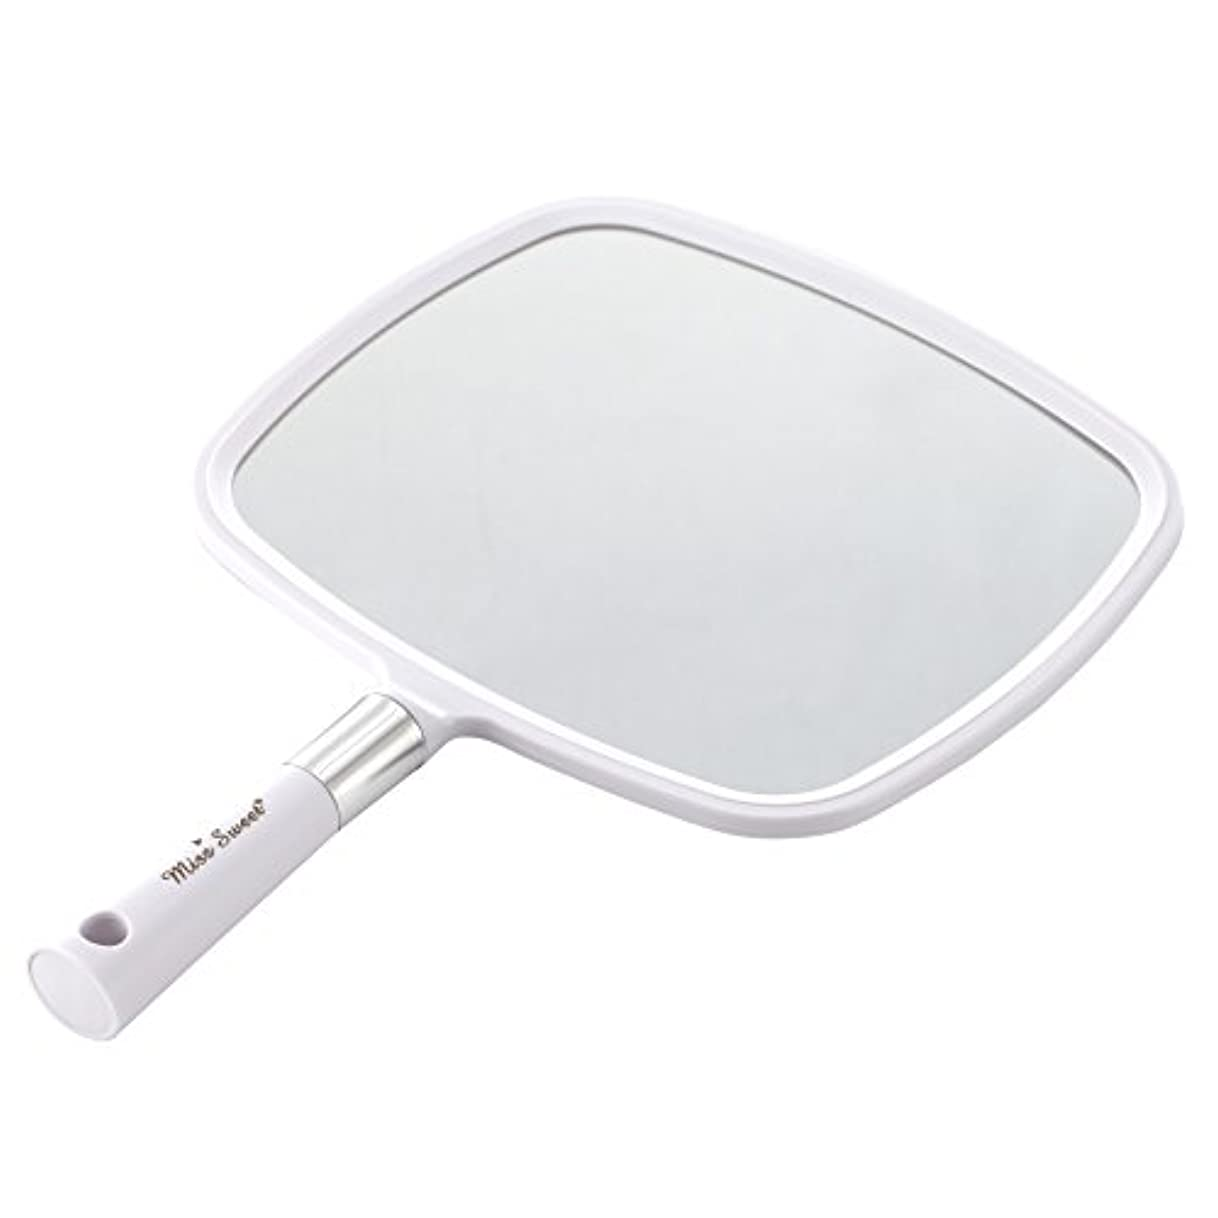 単位広告するトーンMiss Sweet ハンドミラー 1倍大鏡 (白)